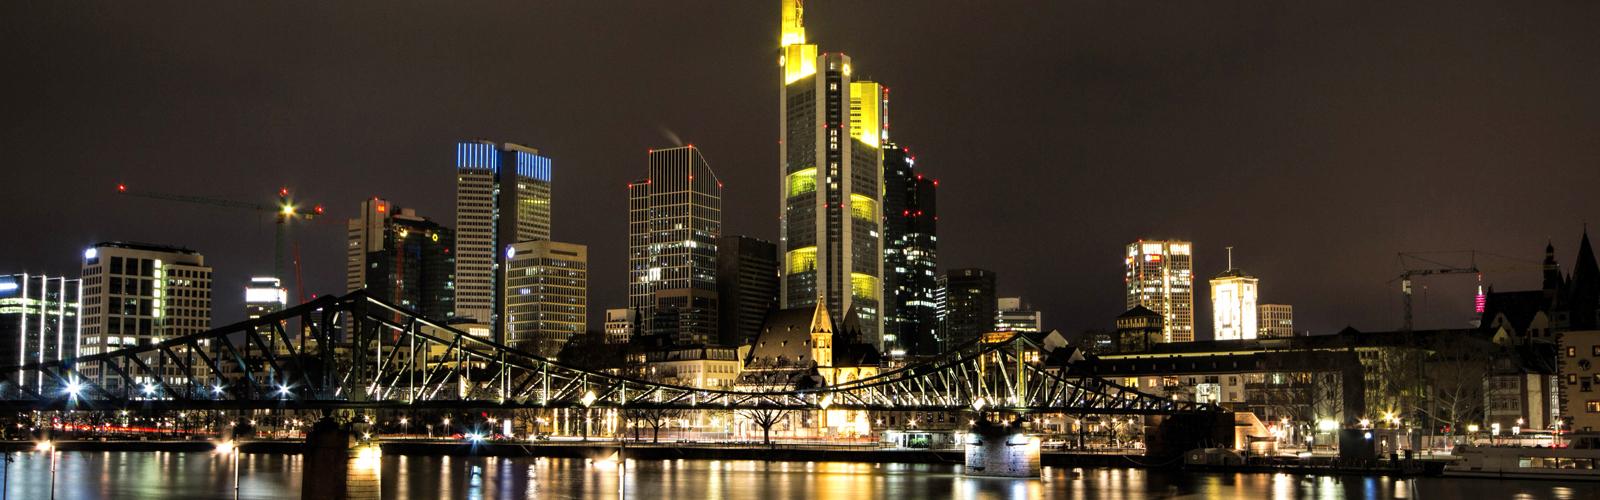 Frankfurt a. M. - Germany